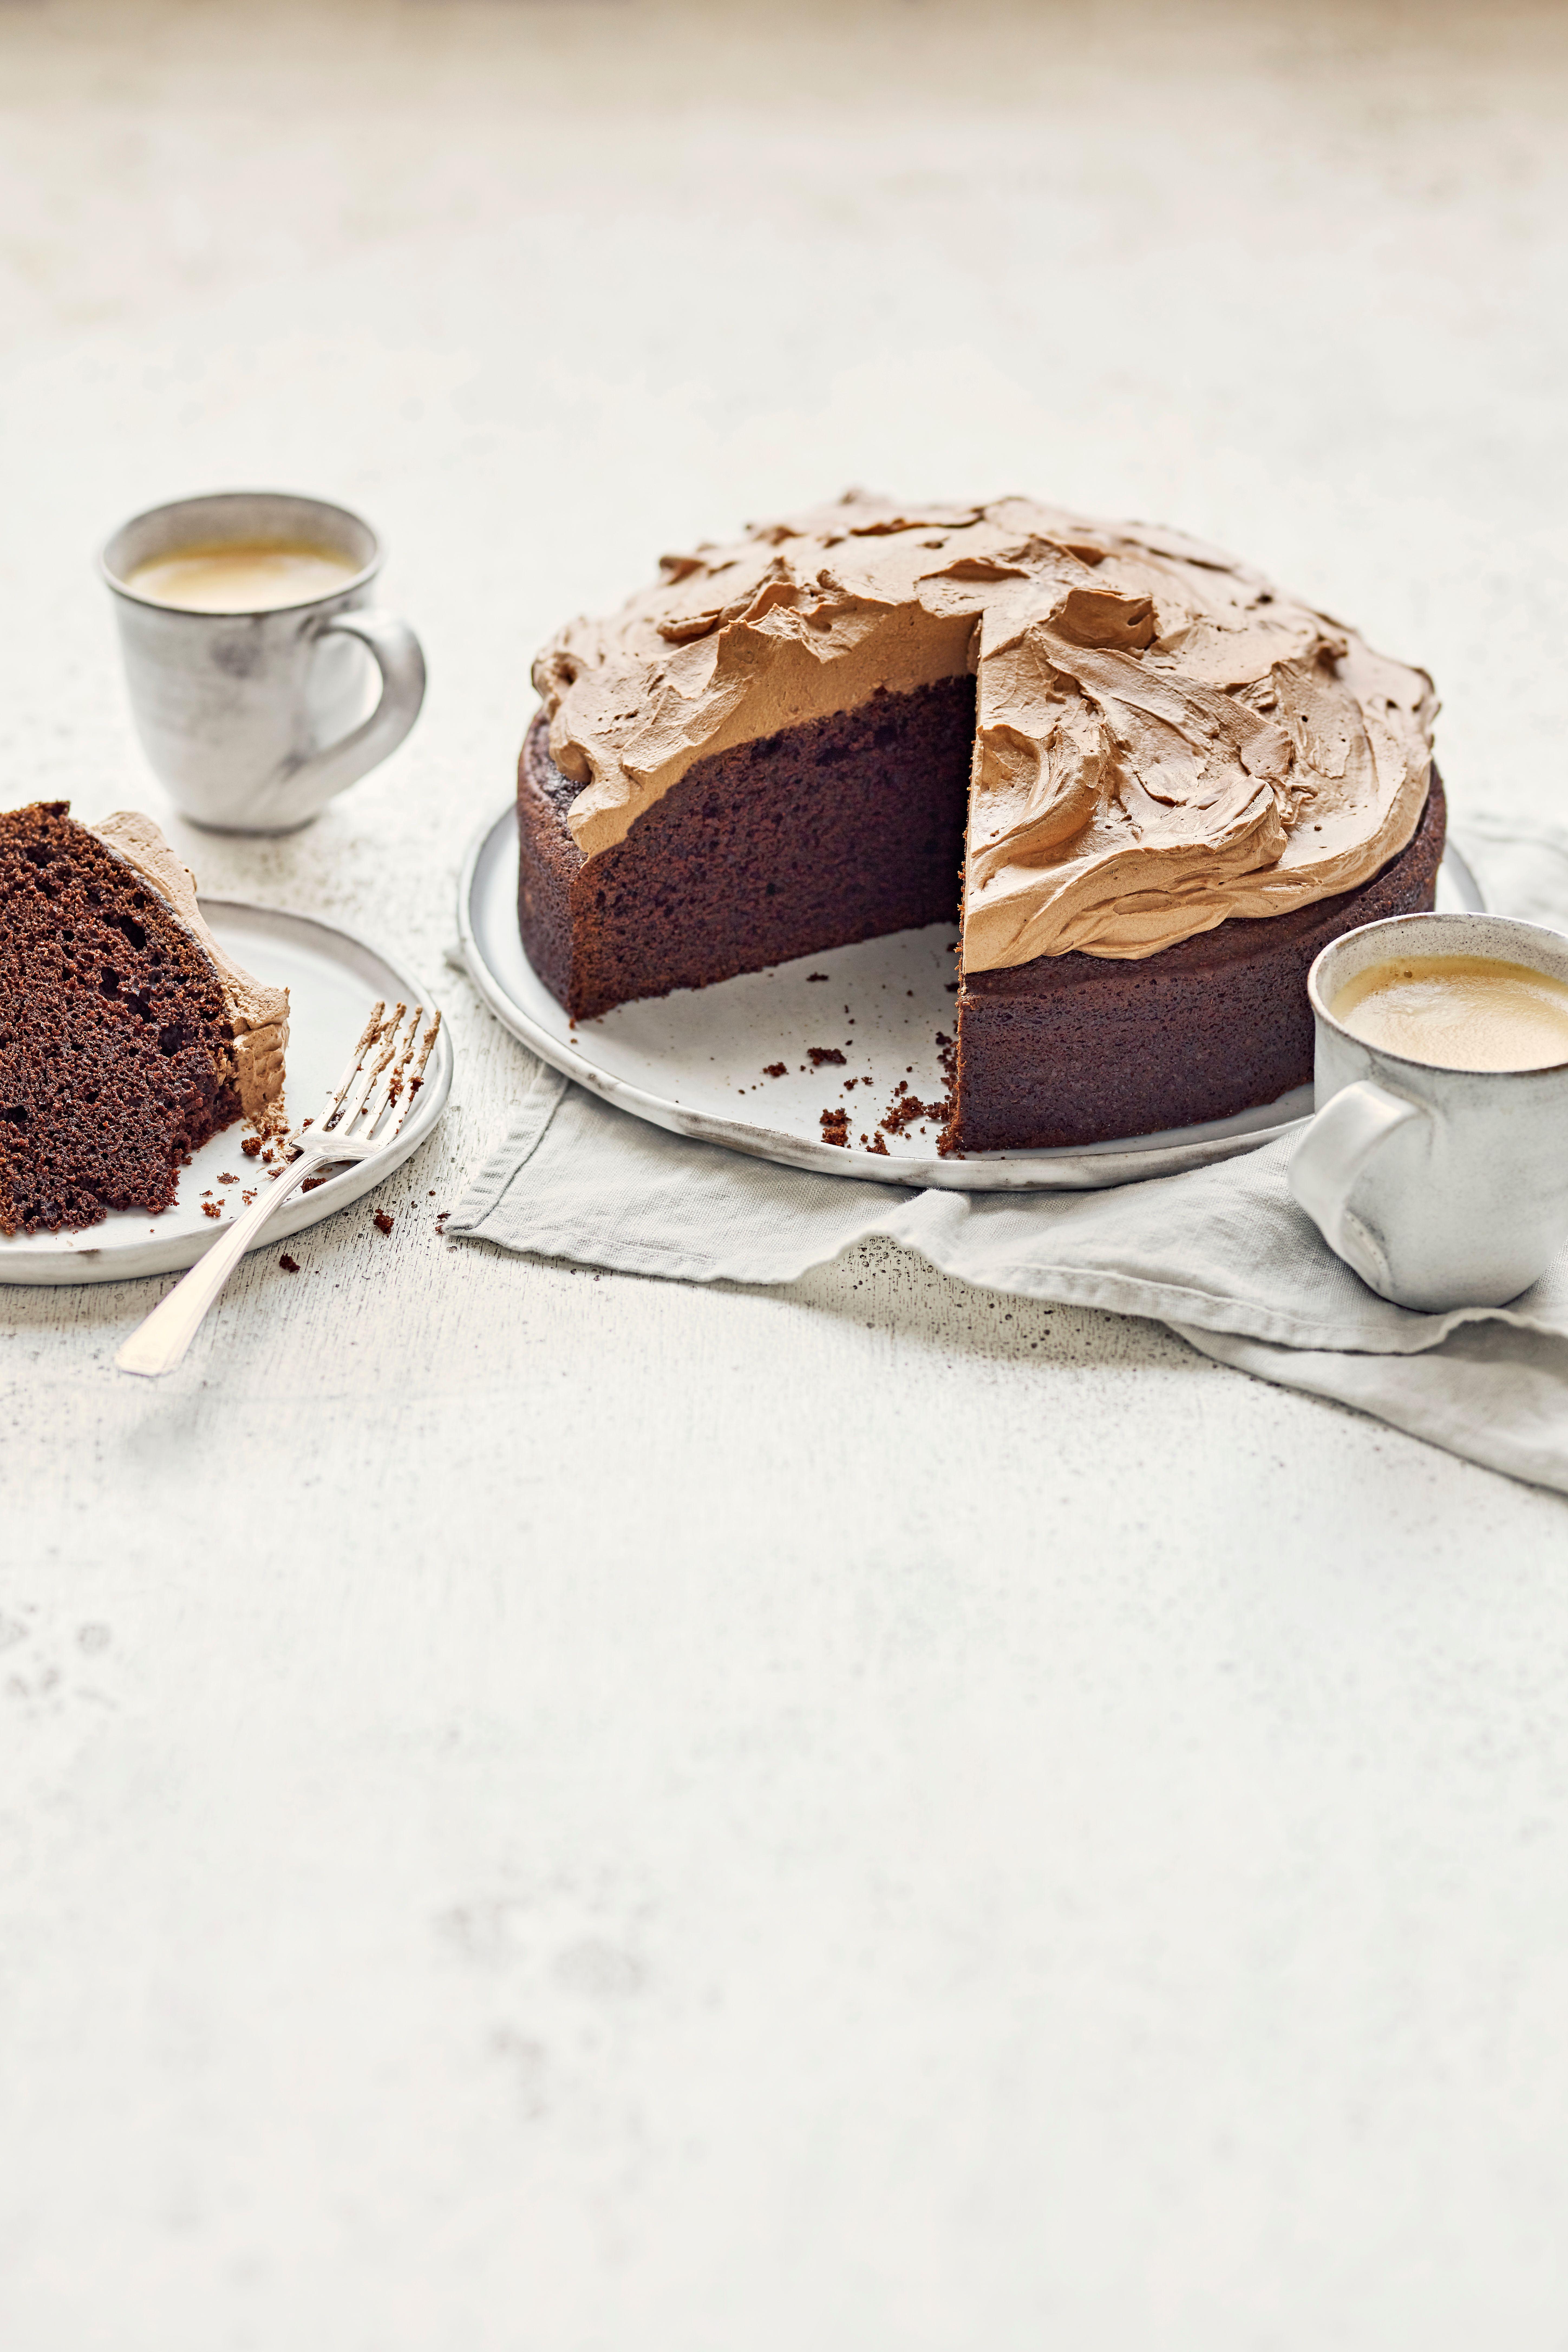 O prăjitură de ciocolată mată cu ceai pe lateral